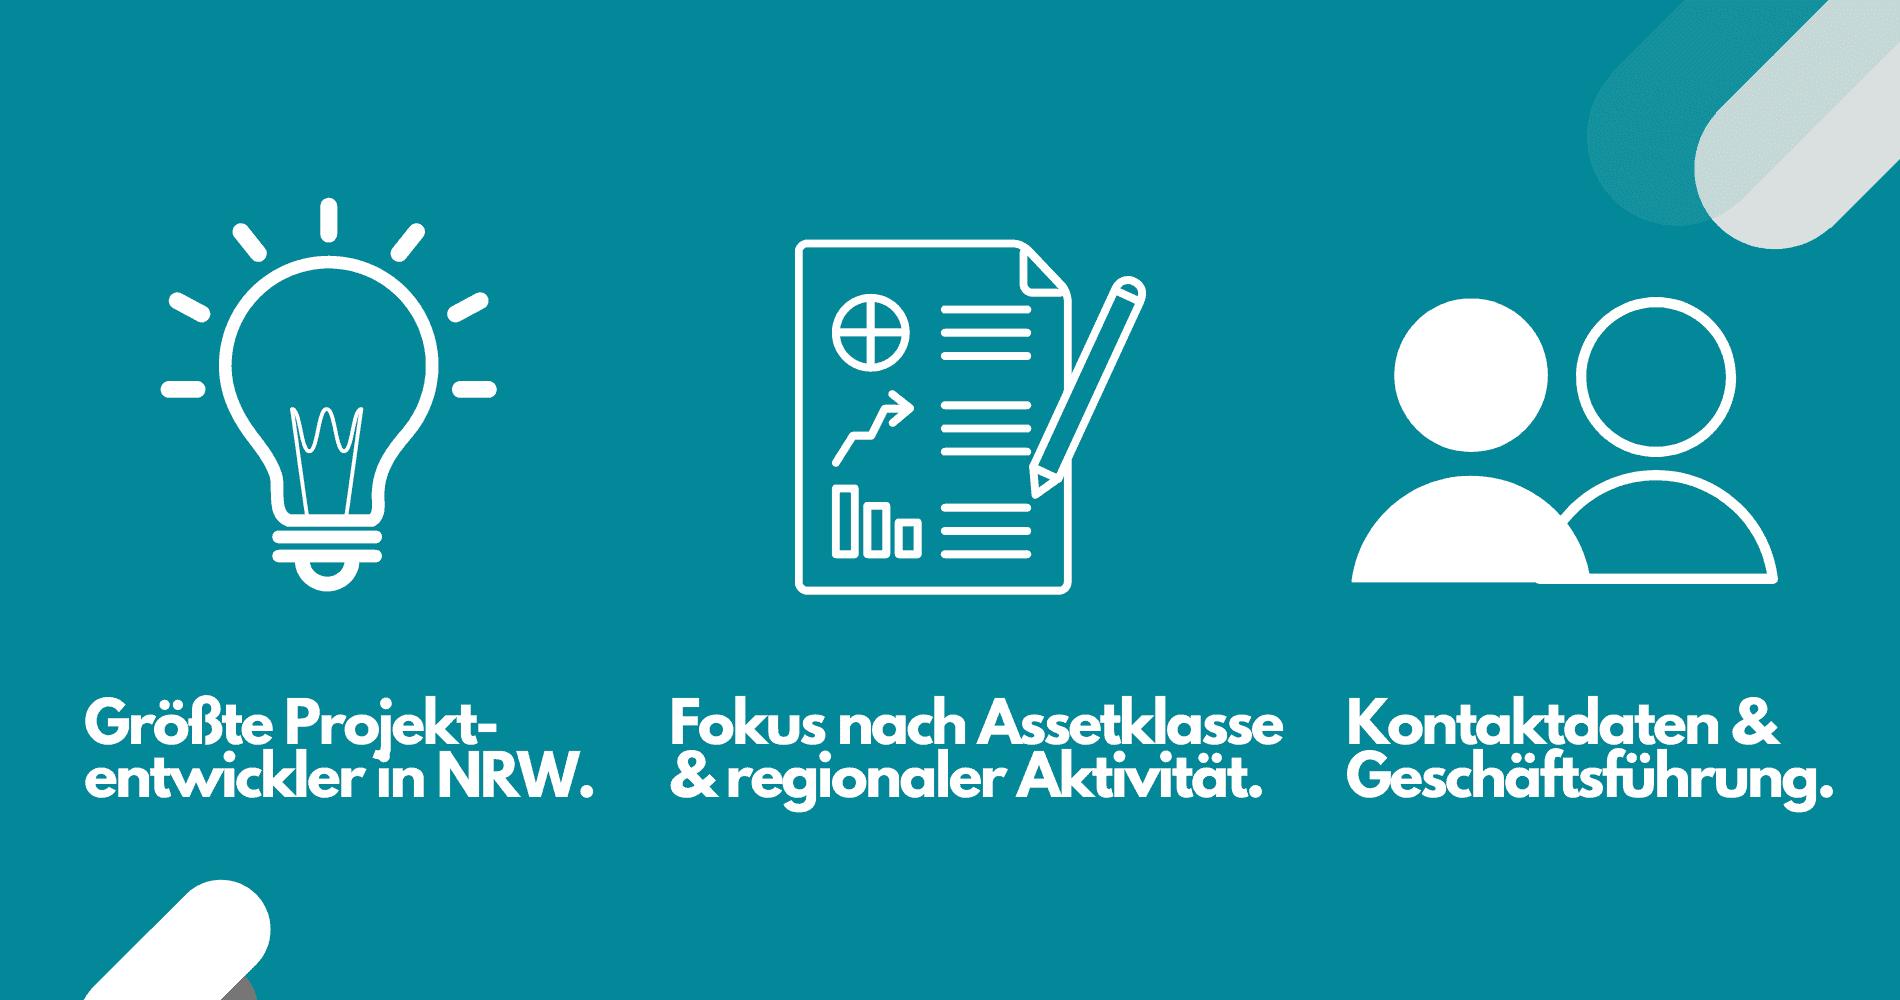 Daten Projektentwickler Nordrhein-Westfalen